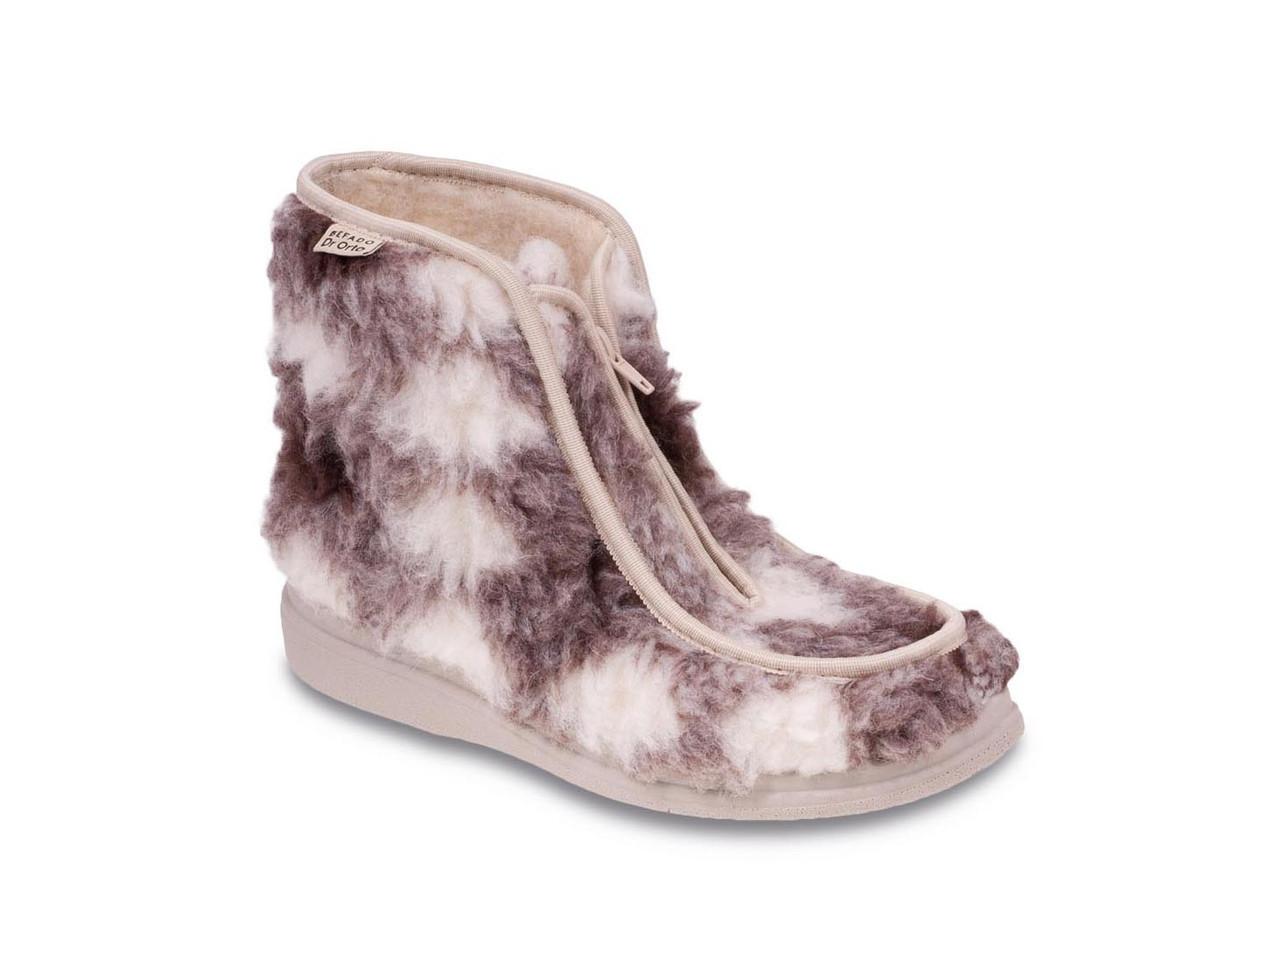 Купить Зимние ботинки диабетические, для проблемных ног мужские DrOrto 996 M 009, Befado